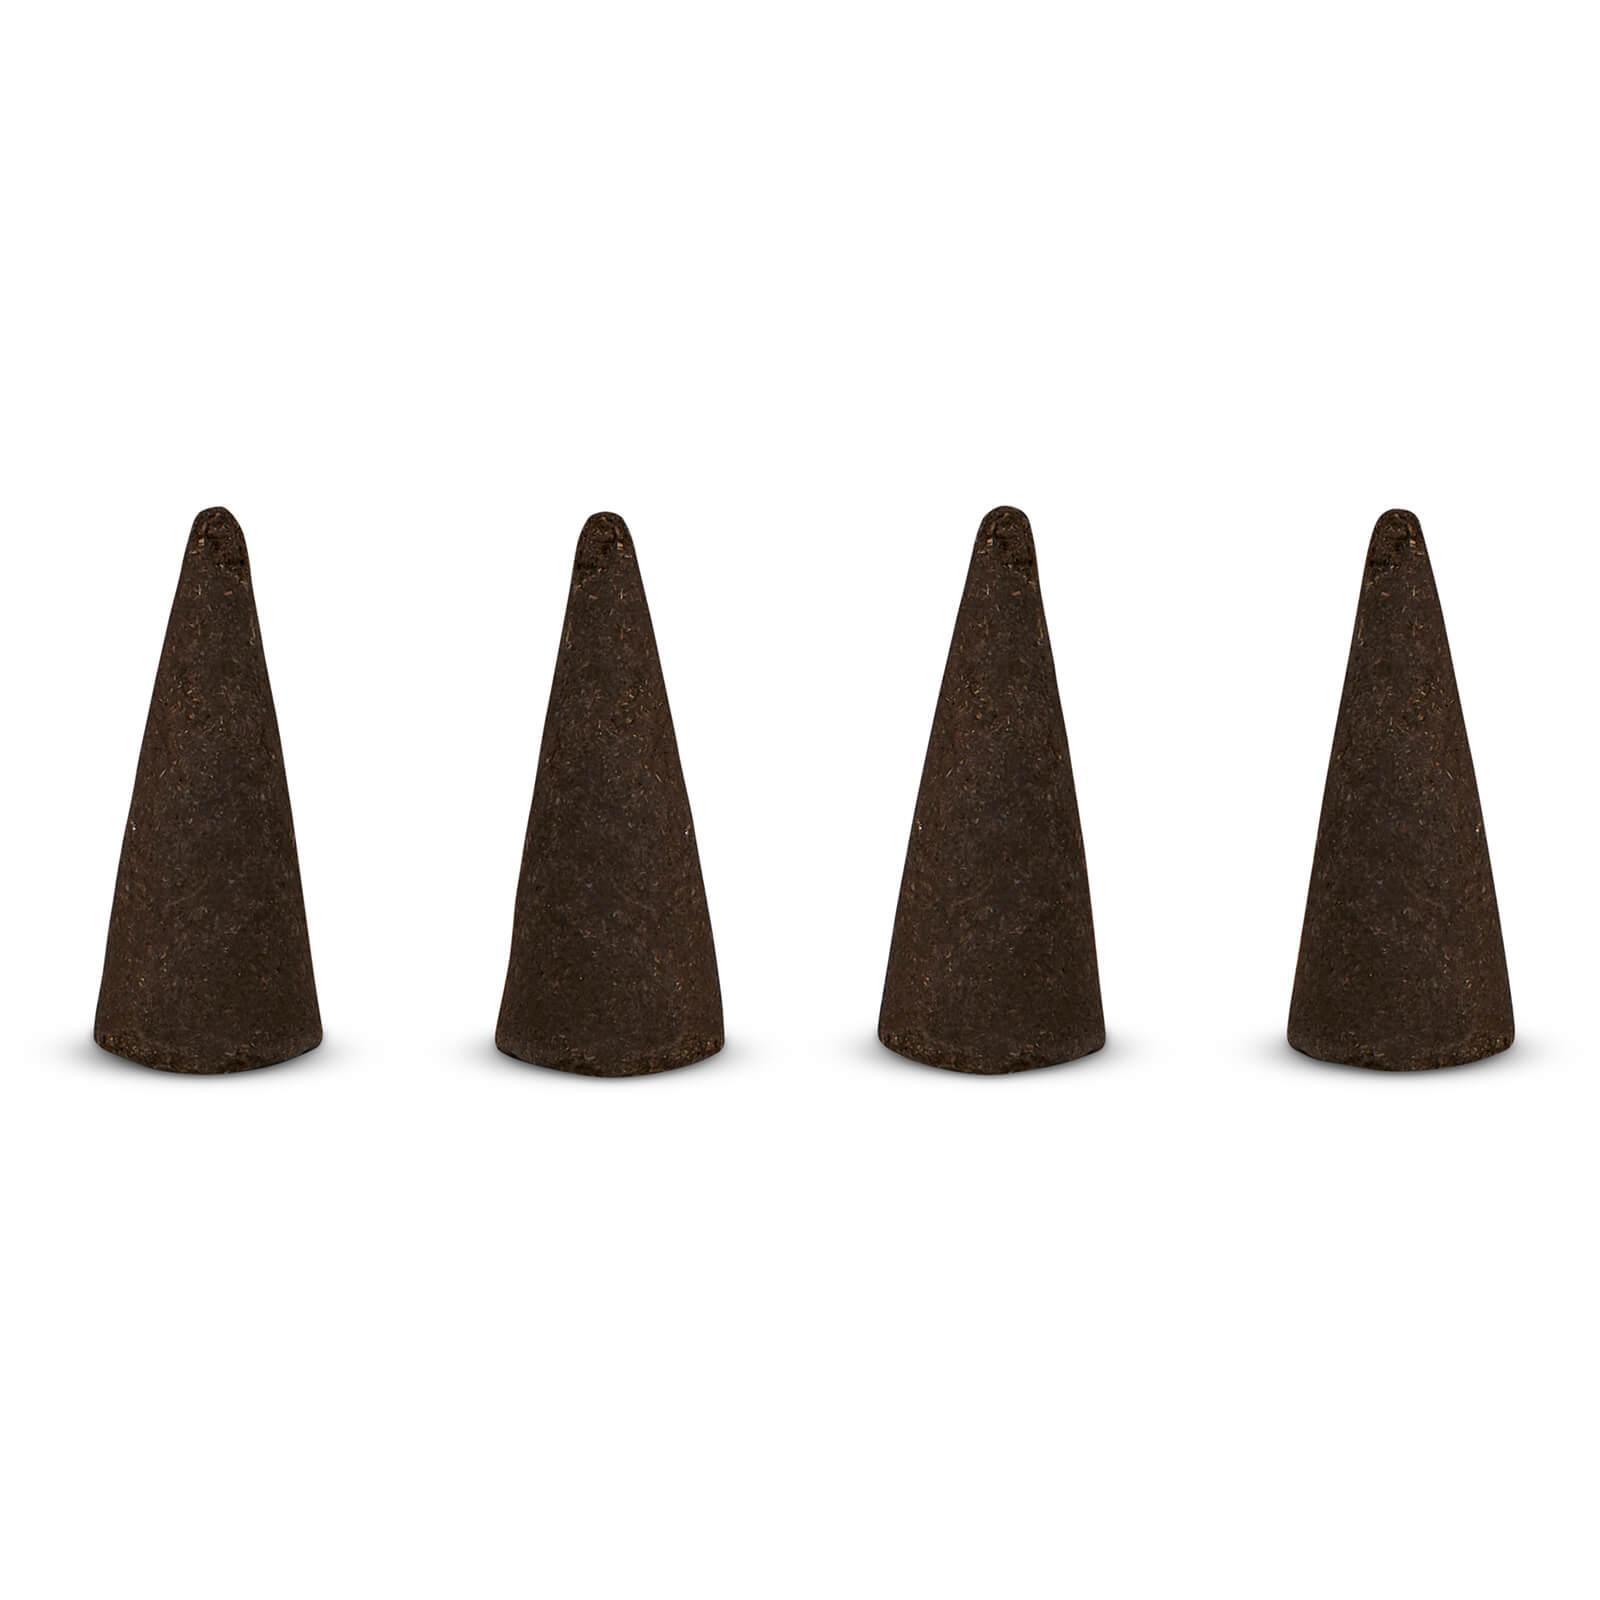 Tom Dixon Fog Incense Cones - Orientalist